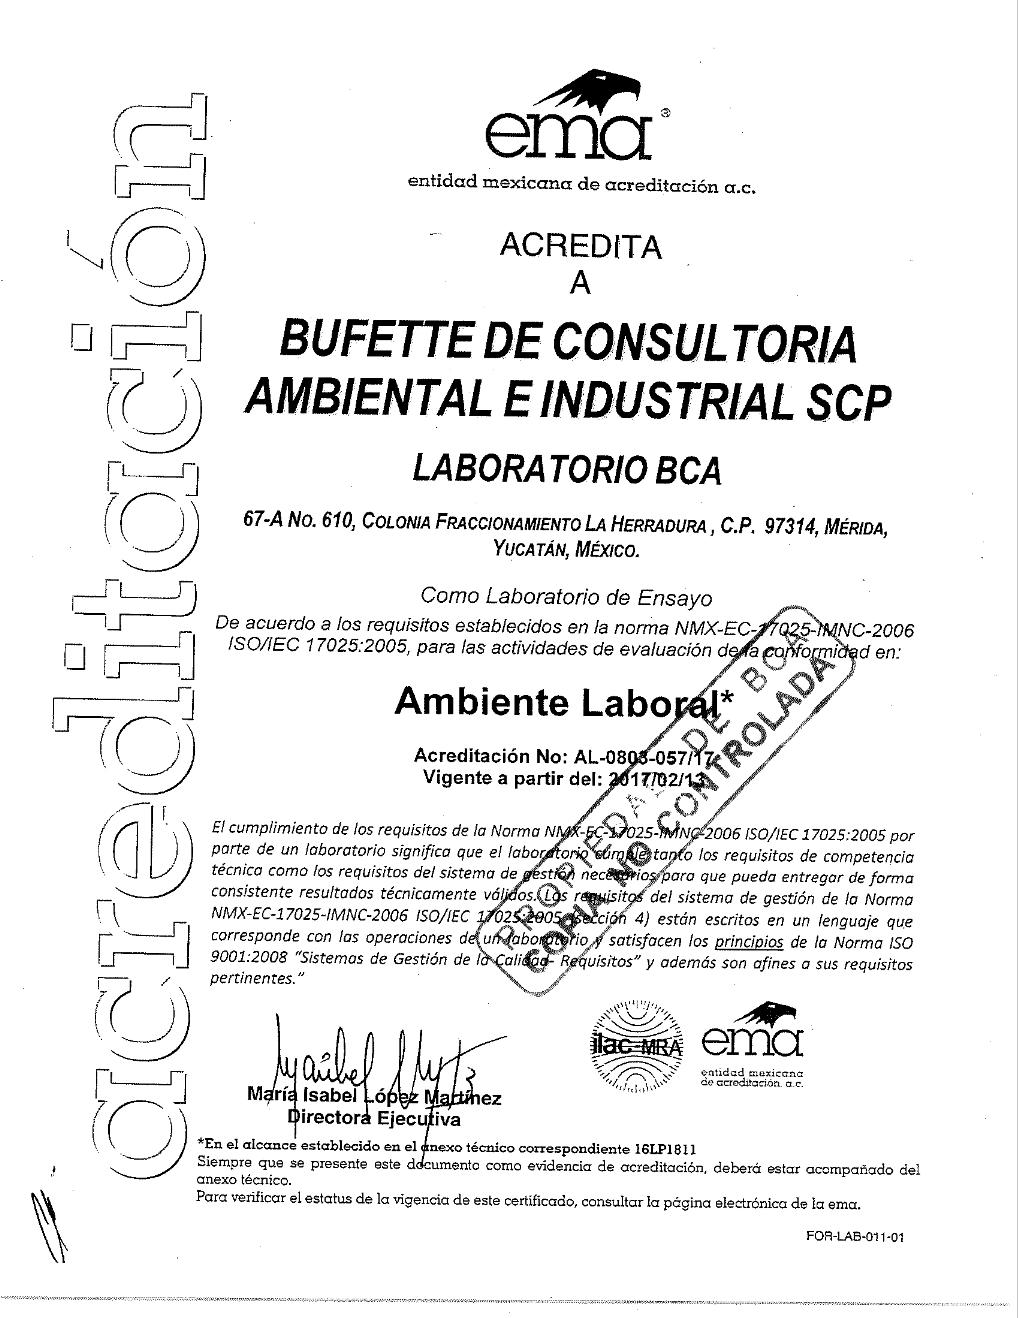 Acreditación como laboratorio de ensayos: Ambiente Laboral.